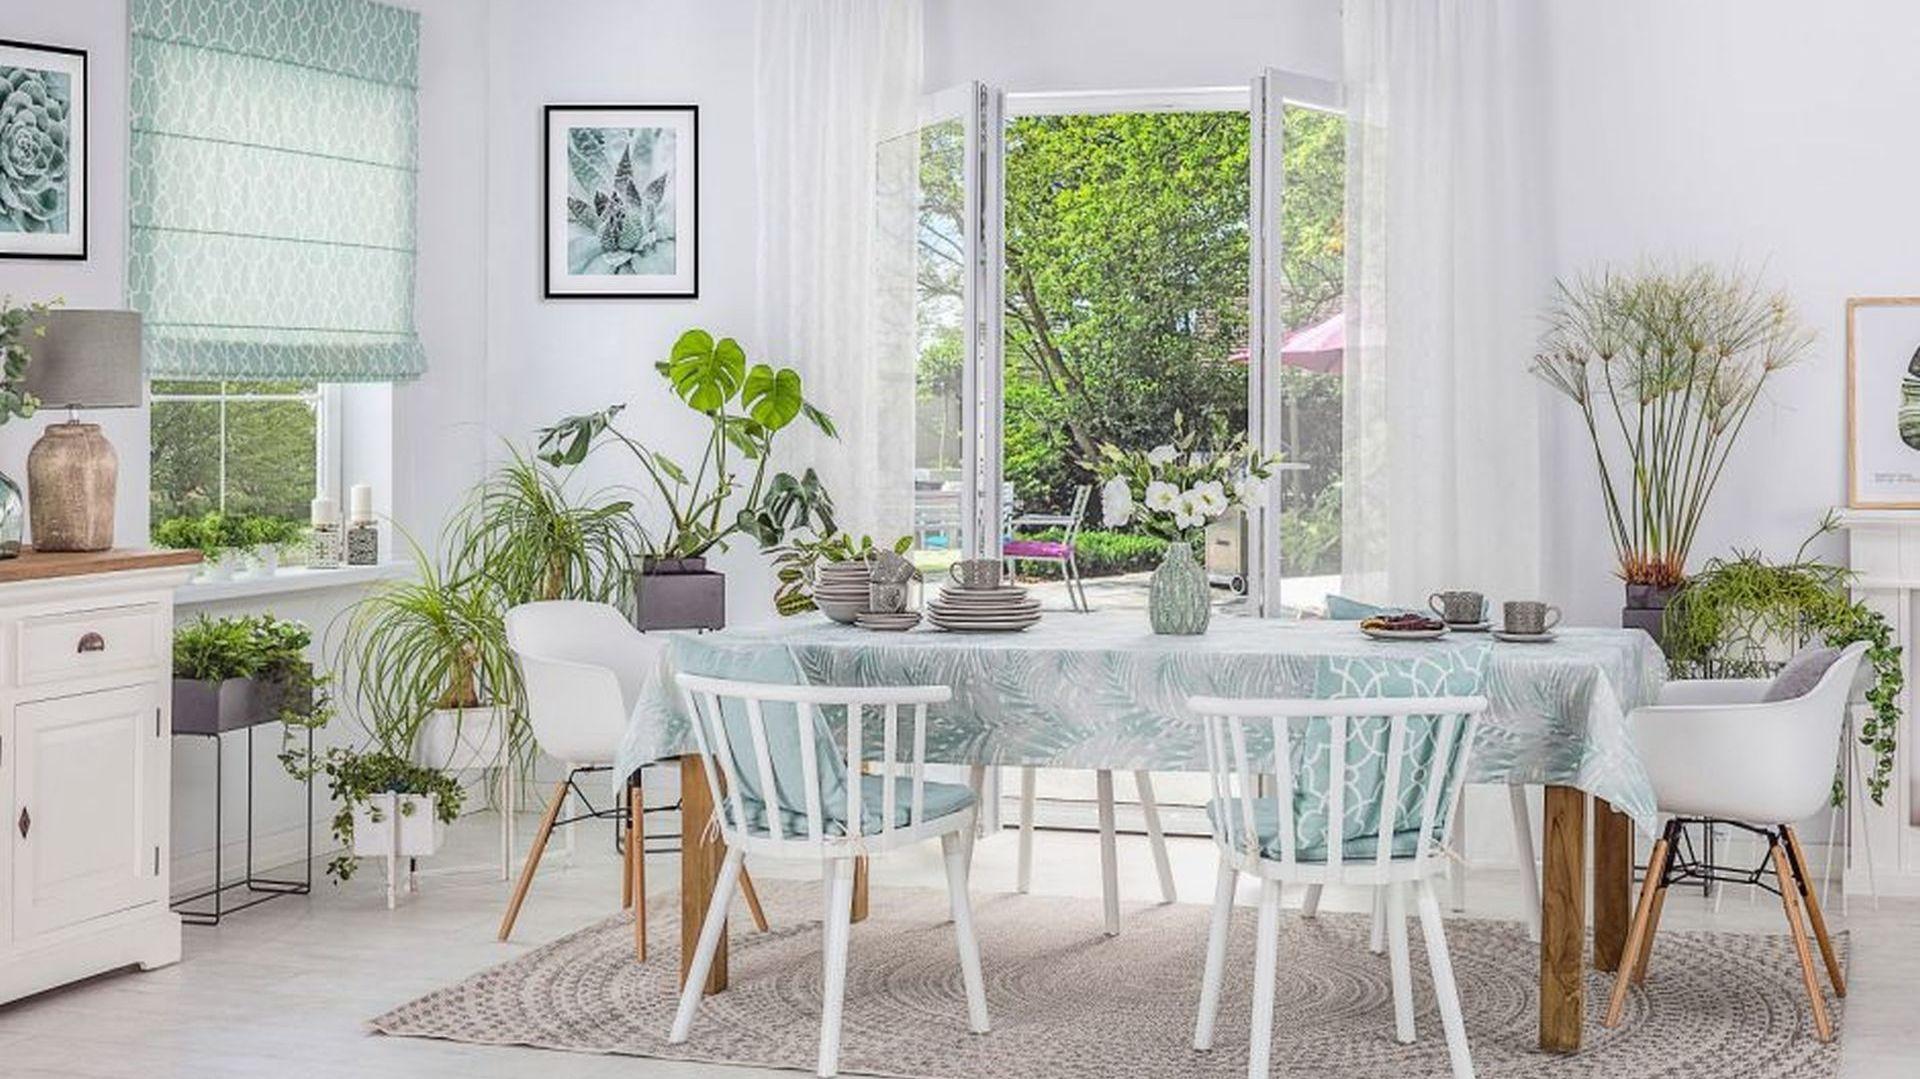 Kolor świeżej mięty sprawdzi się zwłaszcza w jadalniach i kuchniach, w których dominuje biel – to klasyczne połączenie nada pomieszczeniom lekkości. Fot. Dekoria.pl